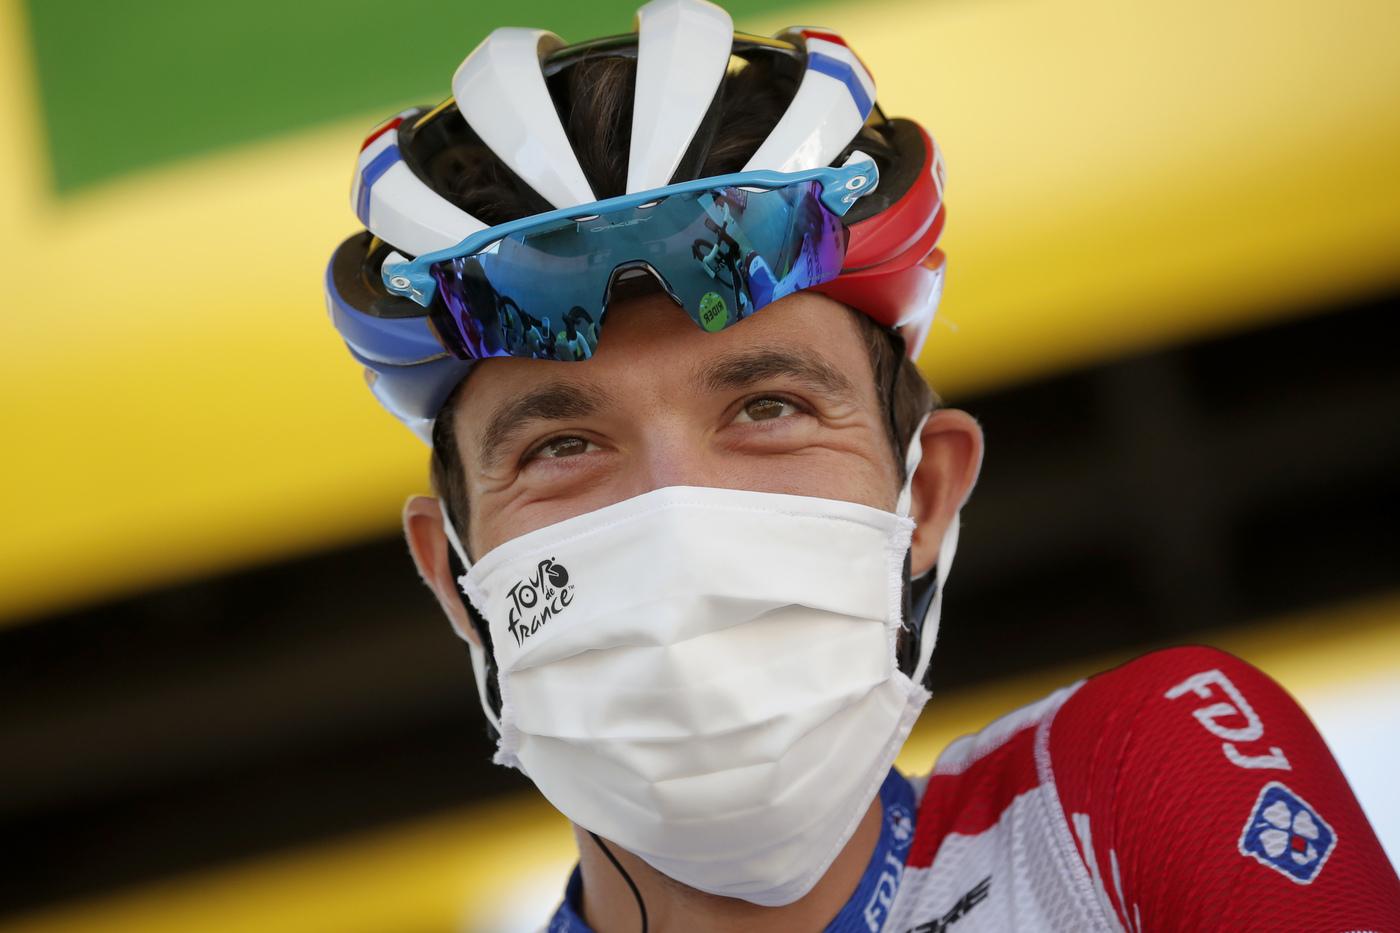 """Vuelta a España 2020, Thibaut Pinot: """"Non sono al 100%, ma voglio fare una bella Vuelta. Spero di ritrovare il piacere di pedalare"""""""